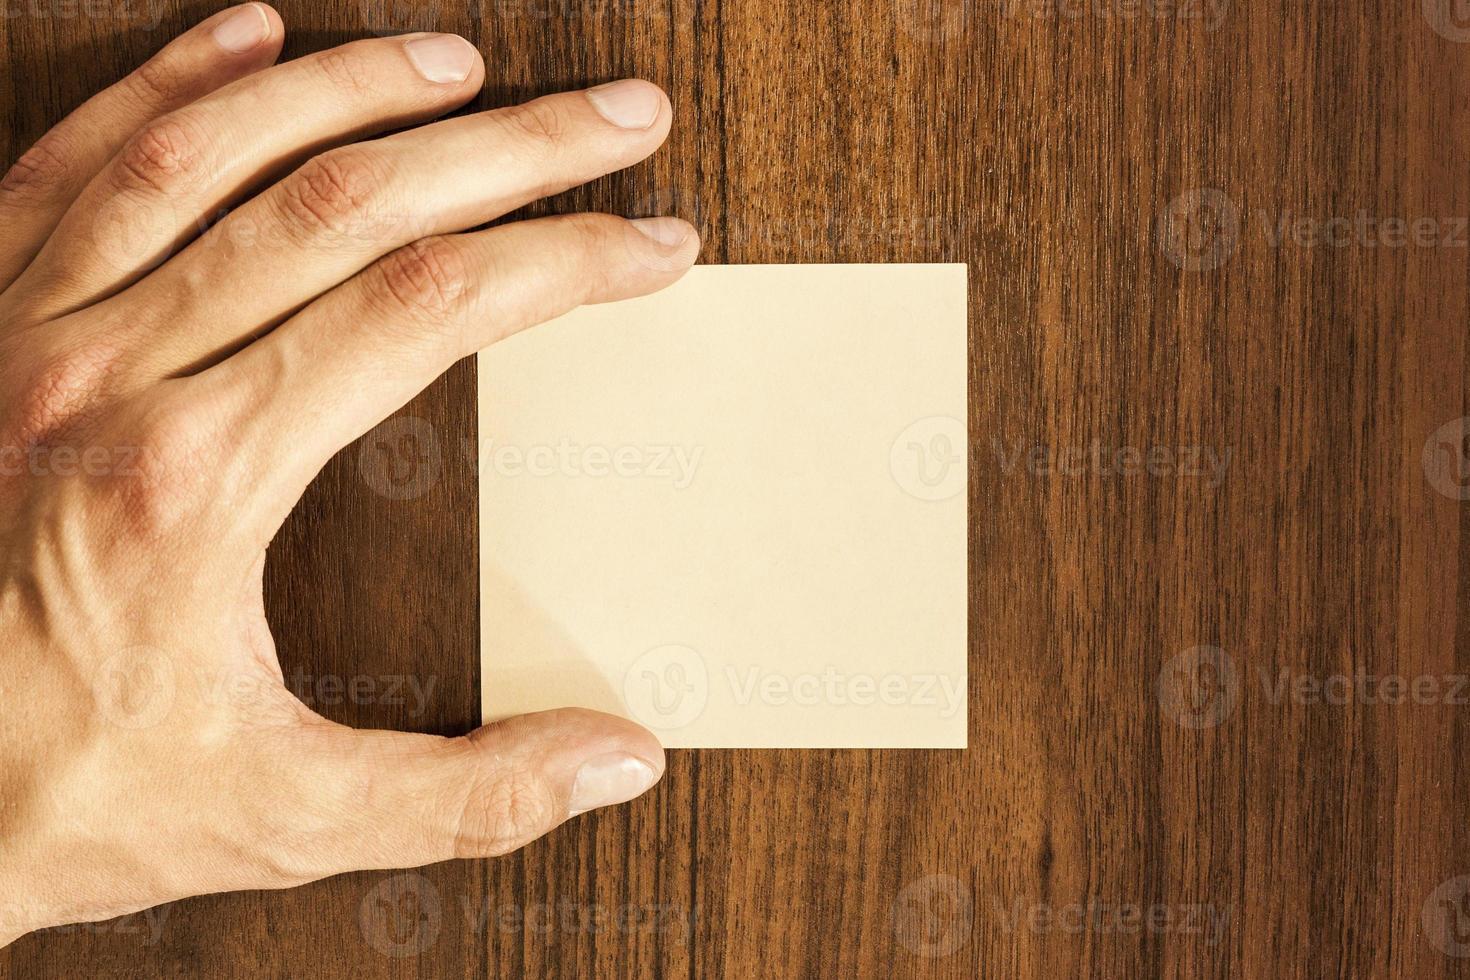 mano masculina con una pegatina foto